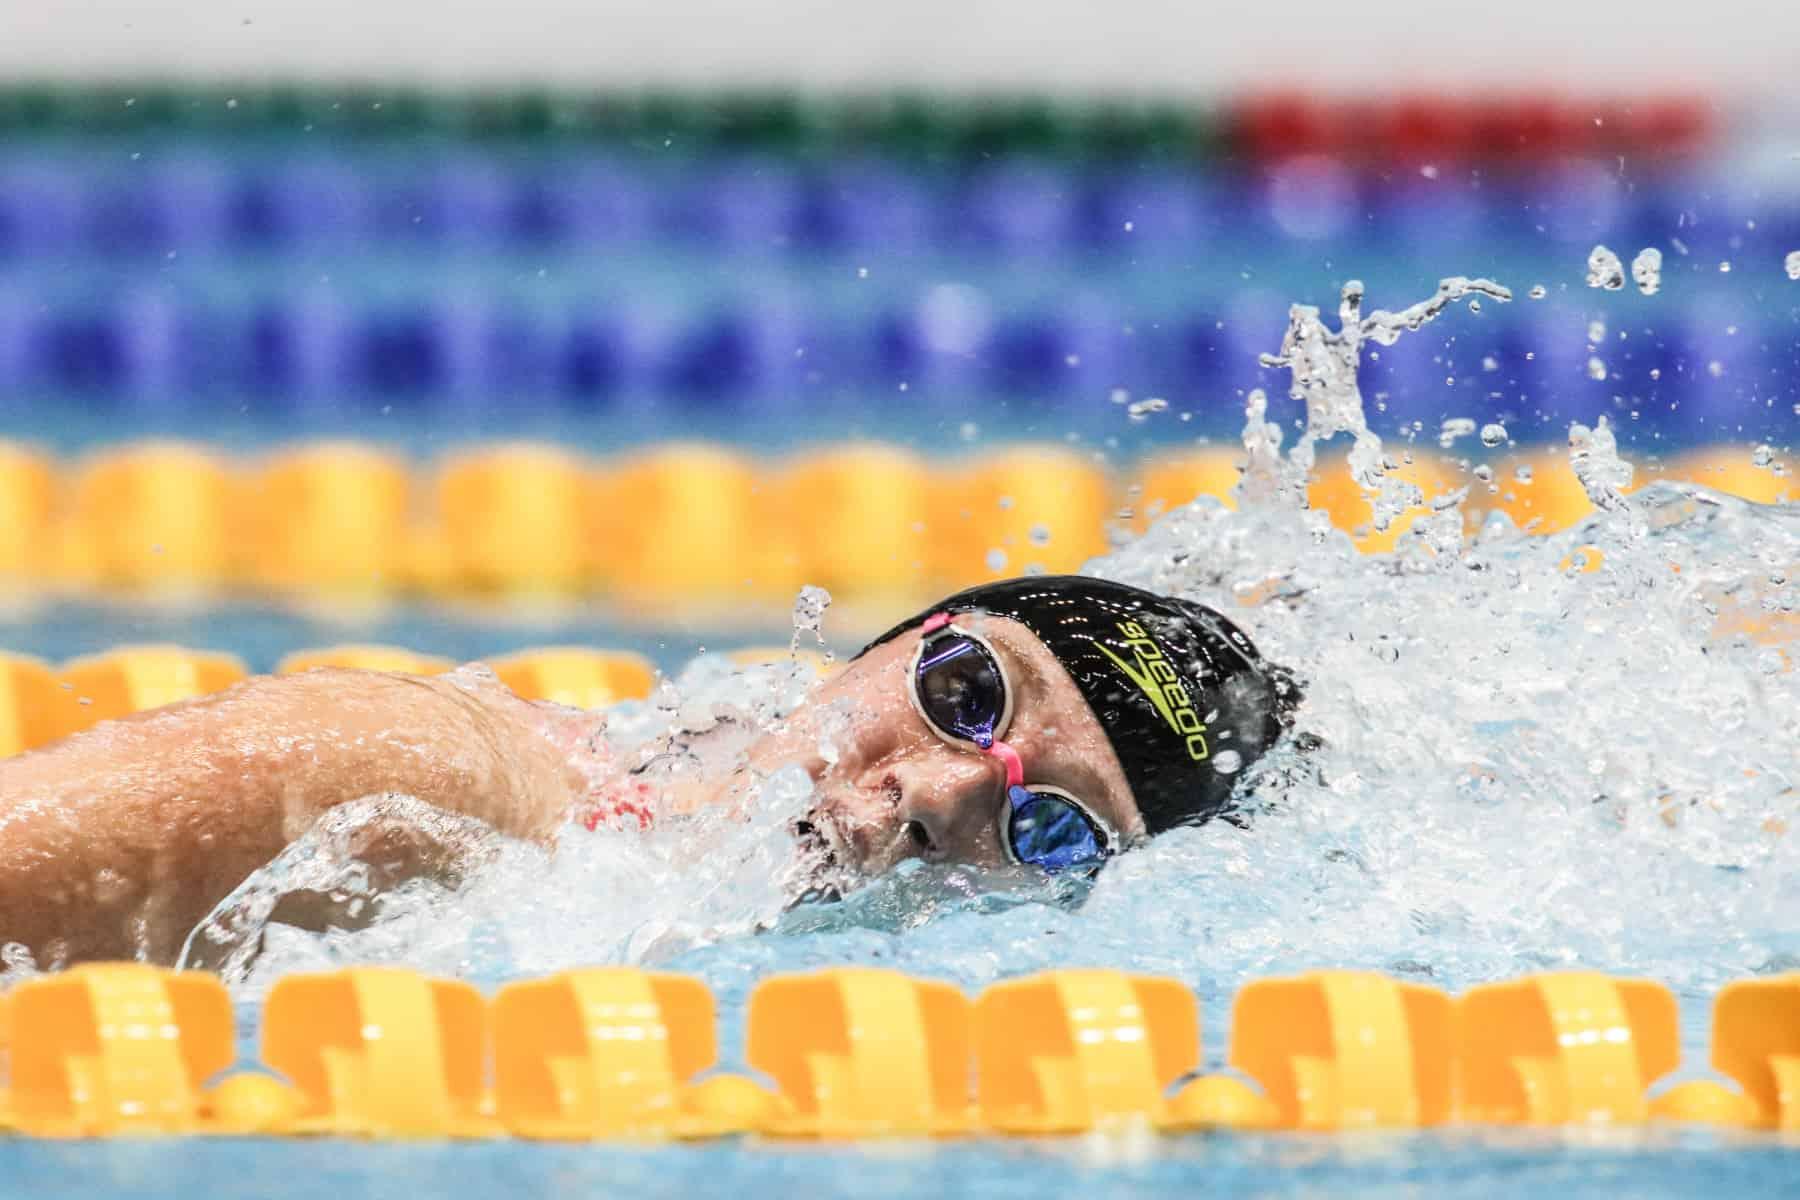 Über 800 Meter schwimmt die Vize-Weltmeisterin von Südkorea direkt deutschen Rekord.